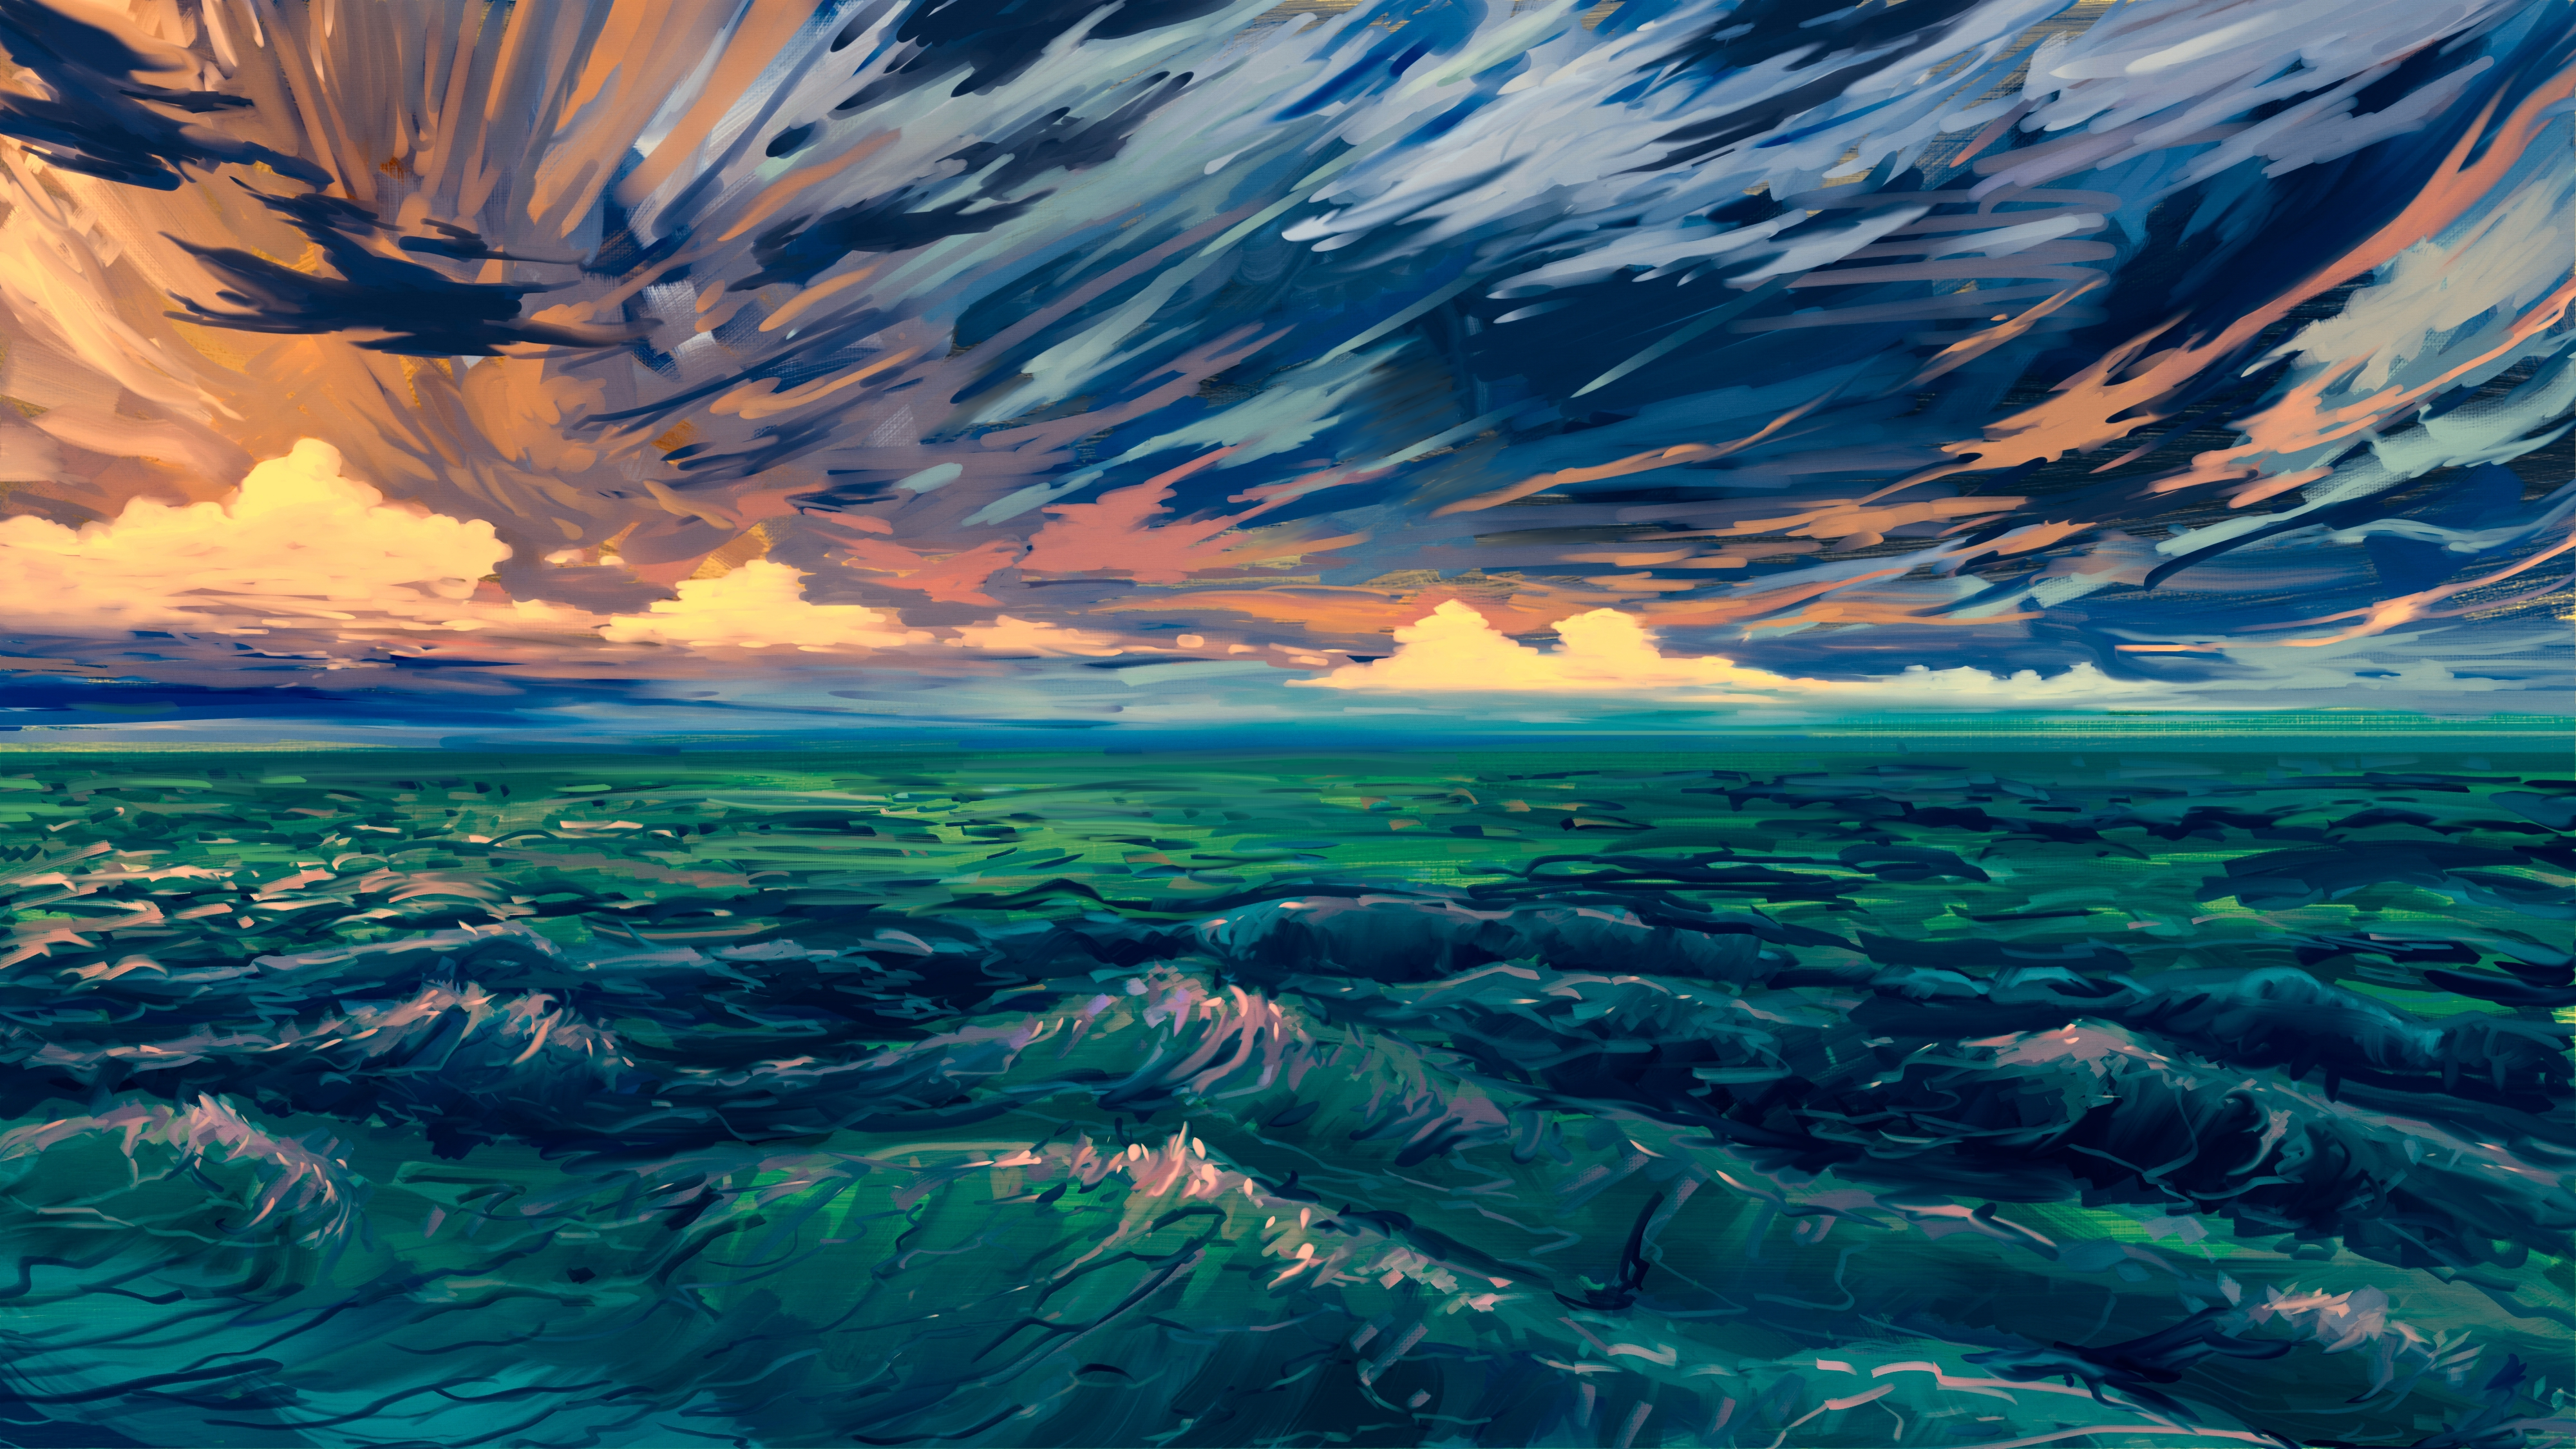 76776 Заставки и Обои Волны на телефон. Скачать Море, Арт, Прибой, Горизонт, Волны картинки бесплатно